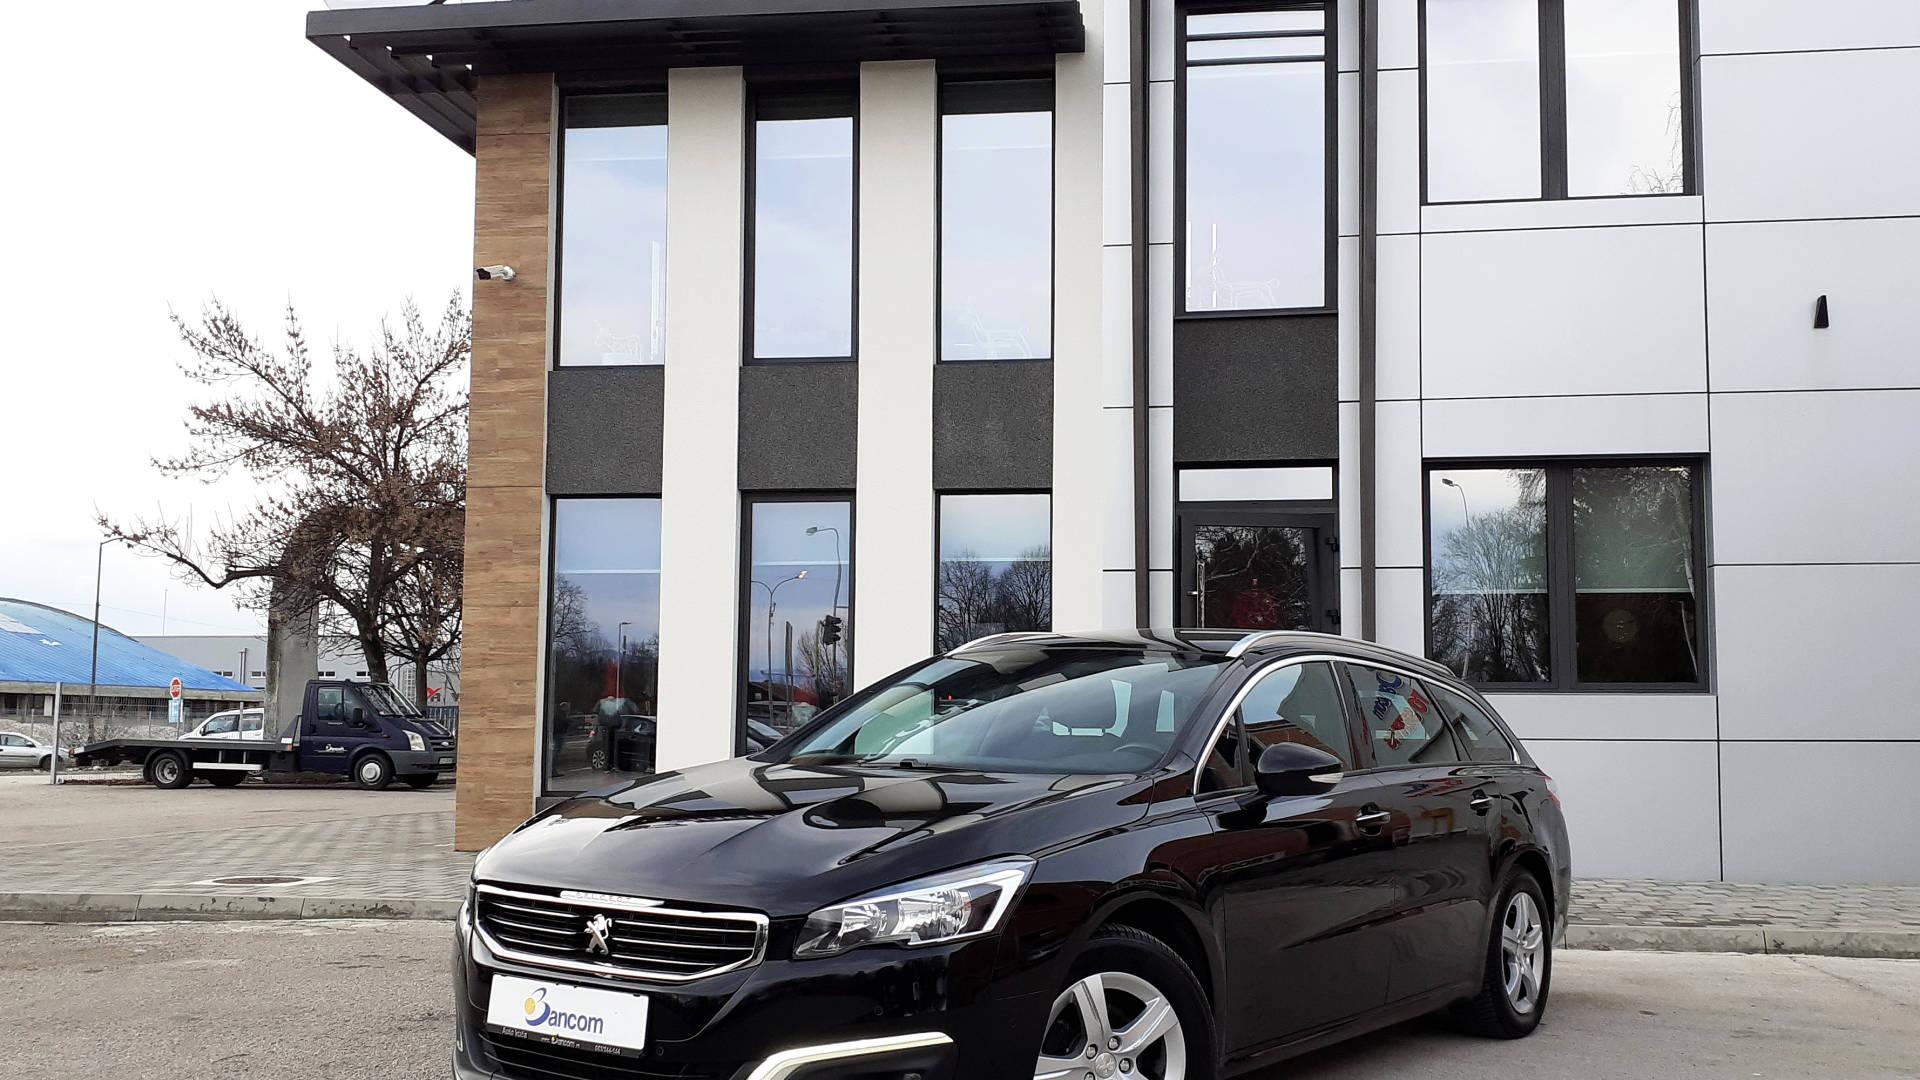 Fotografija za 2173 Peugeot 508 1.6BlueHDI Business